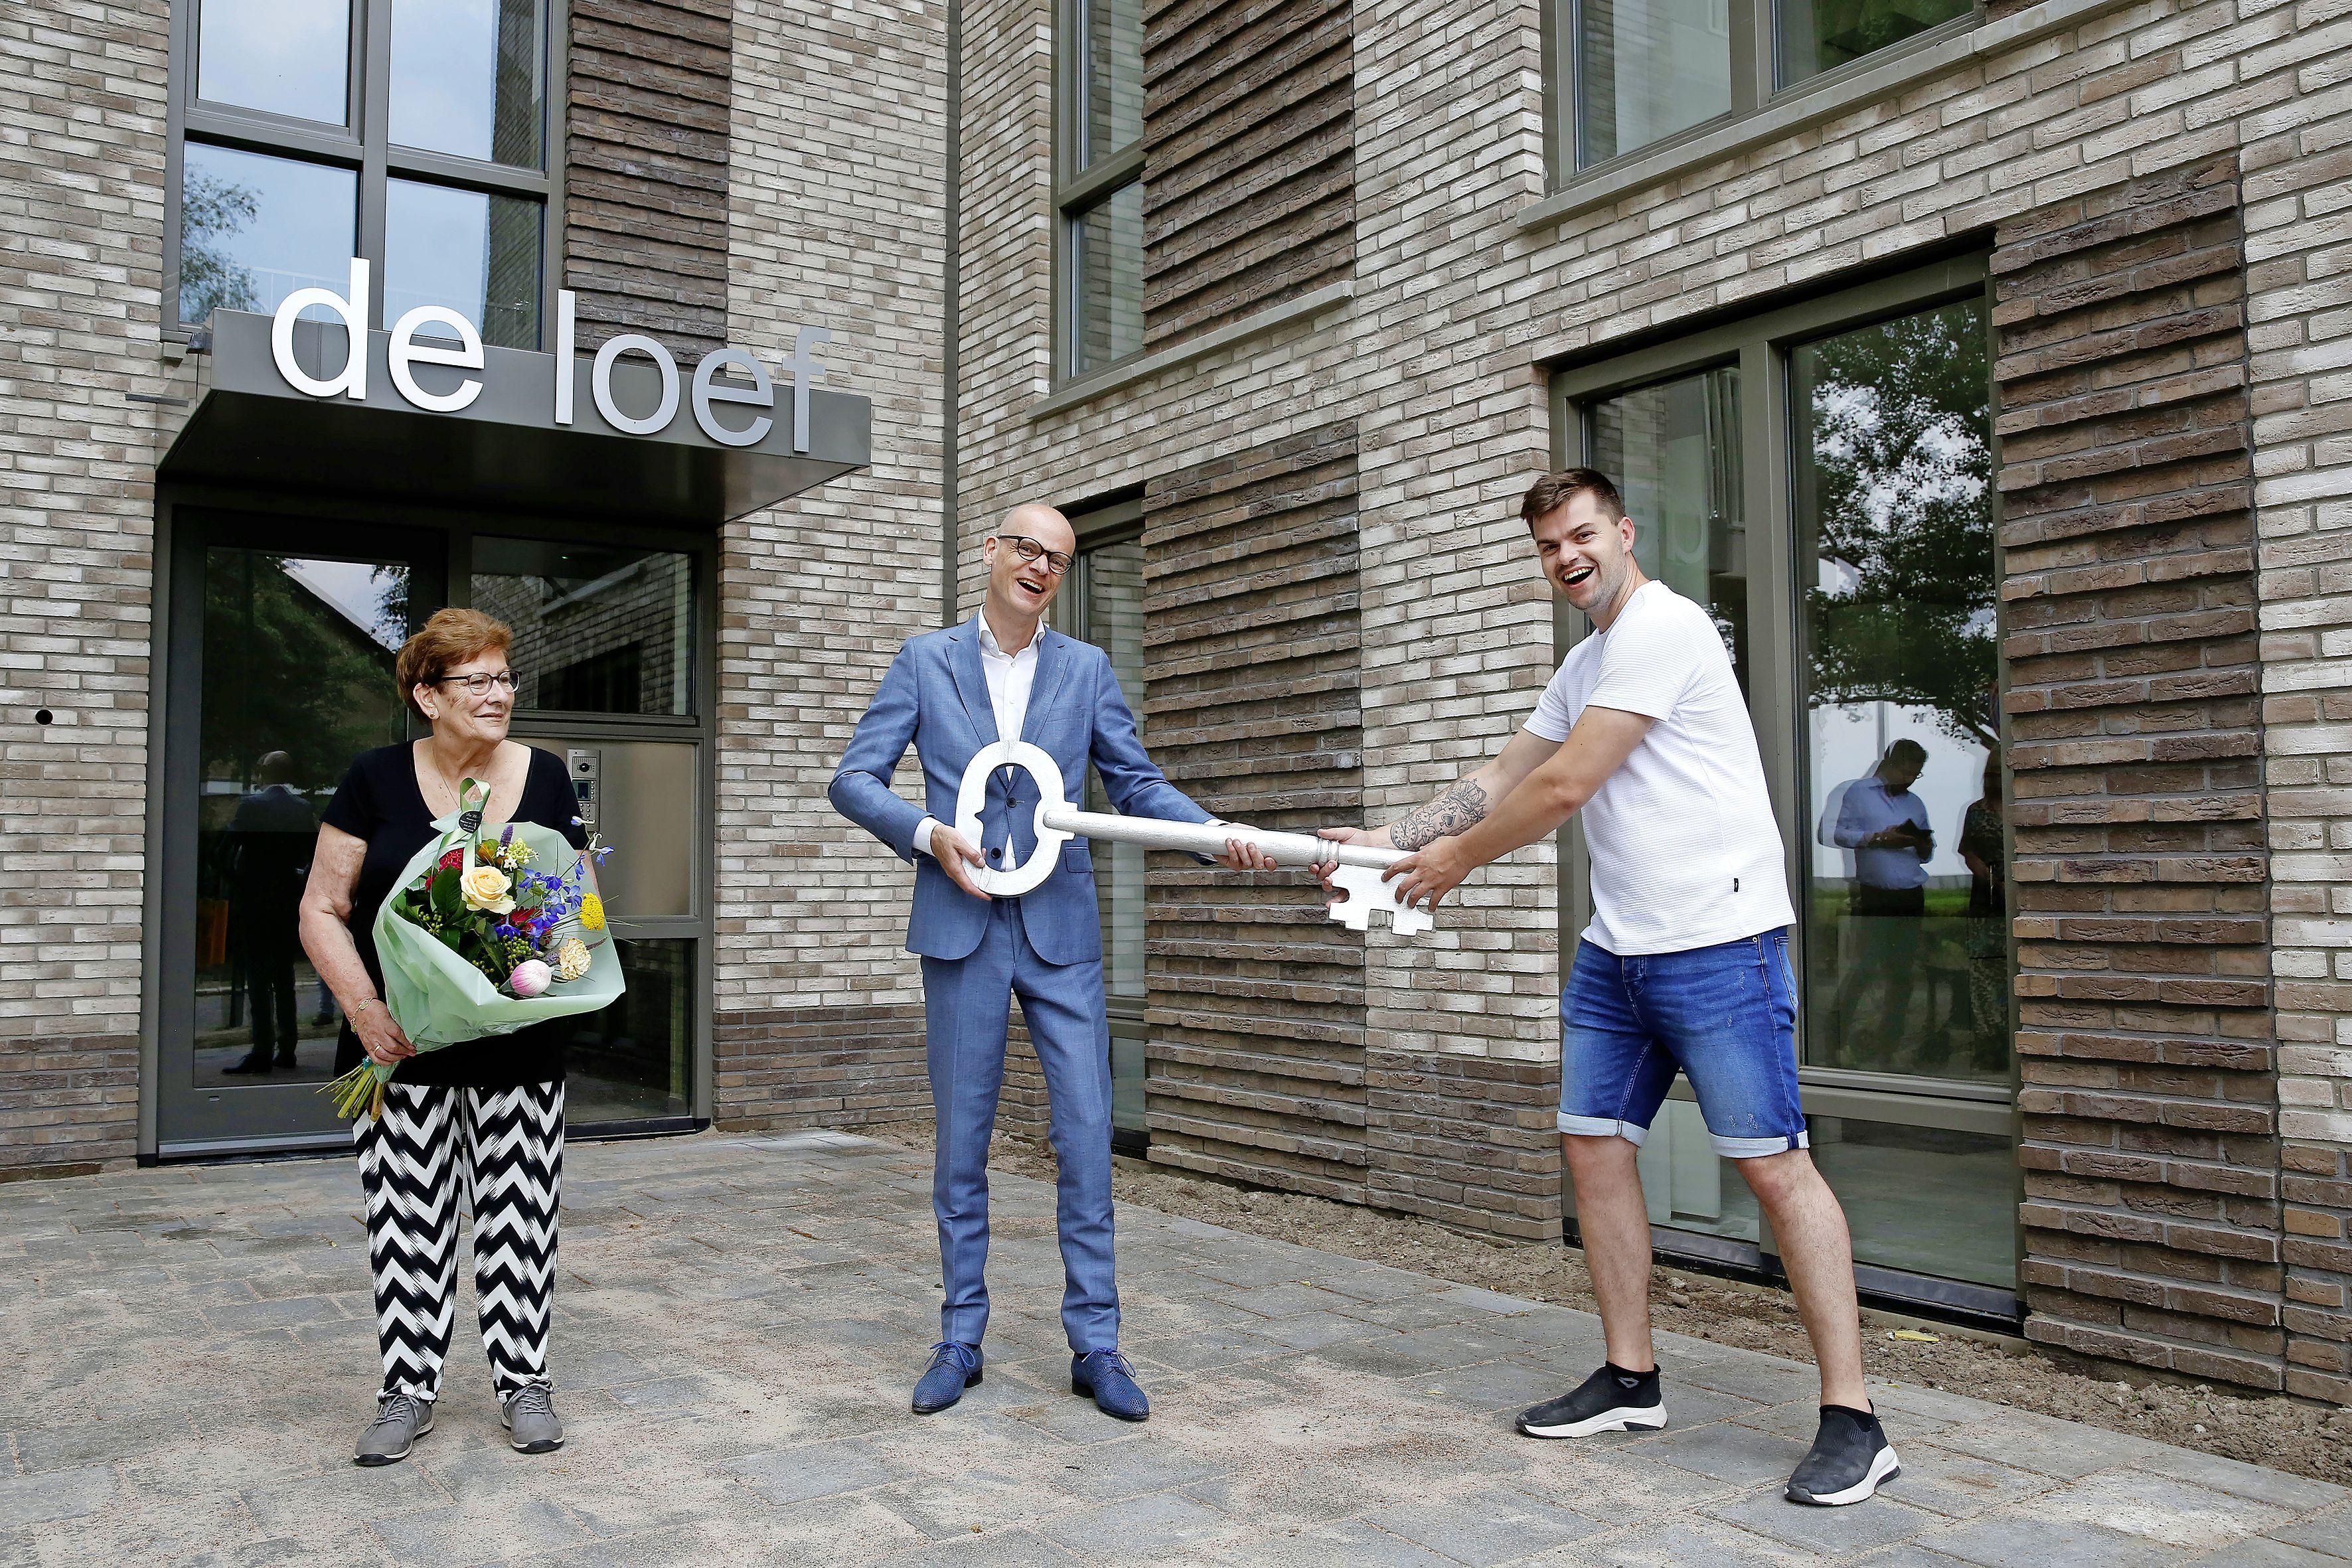 Historisch momentje in Baarn: bewoners van gloednieuw appartementengebouw De Loef hebben de sleutel